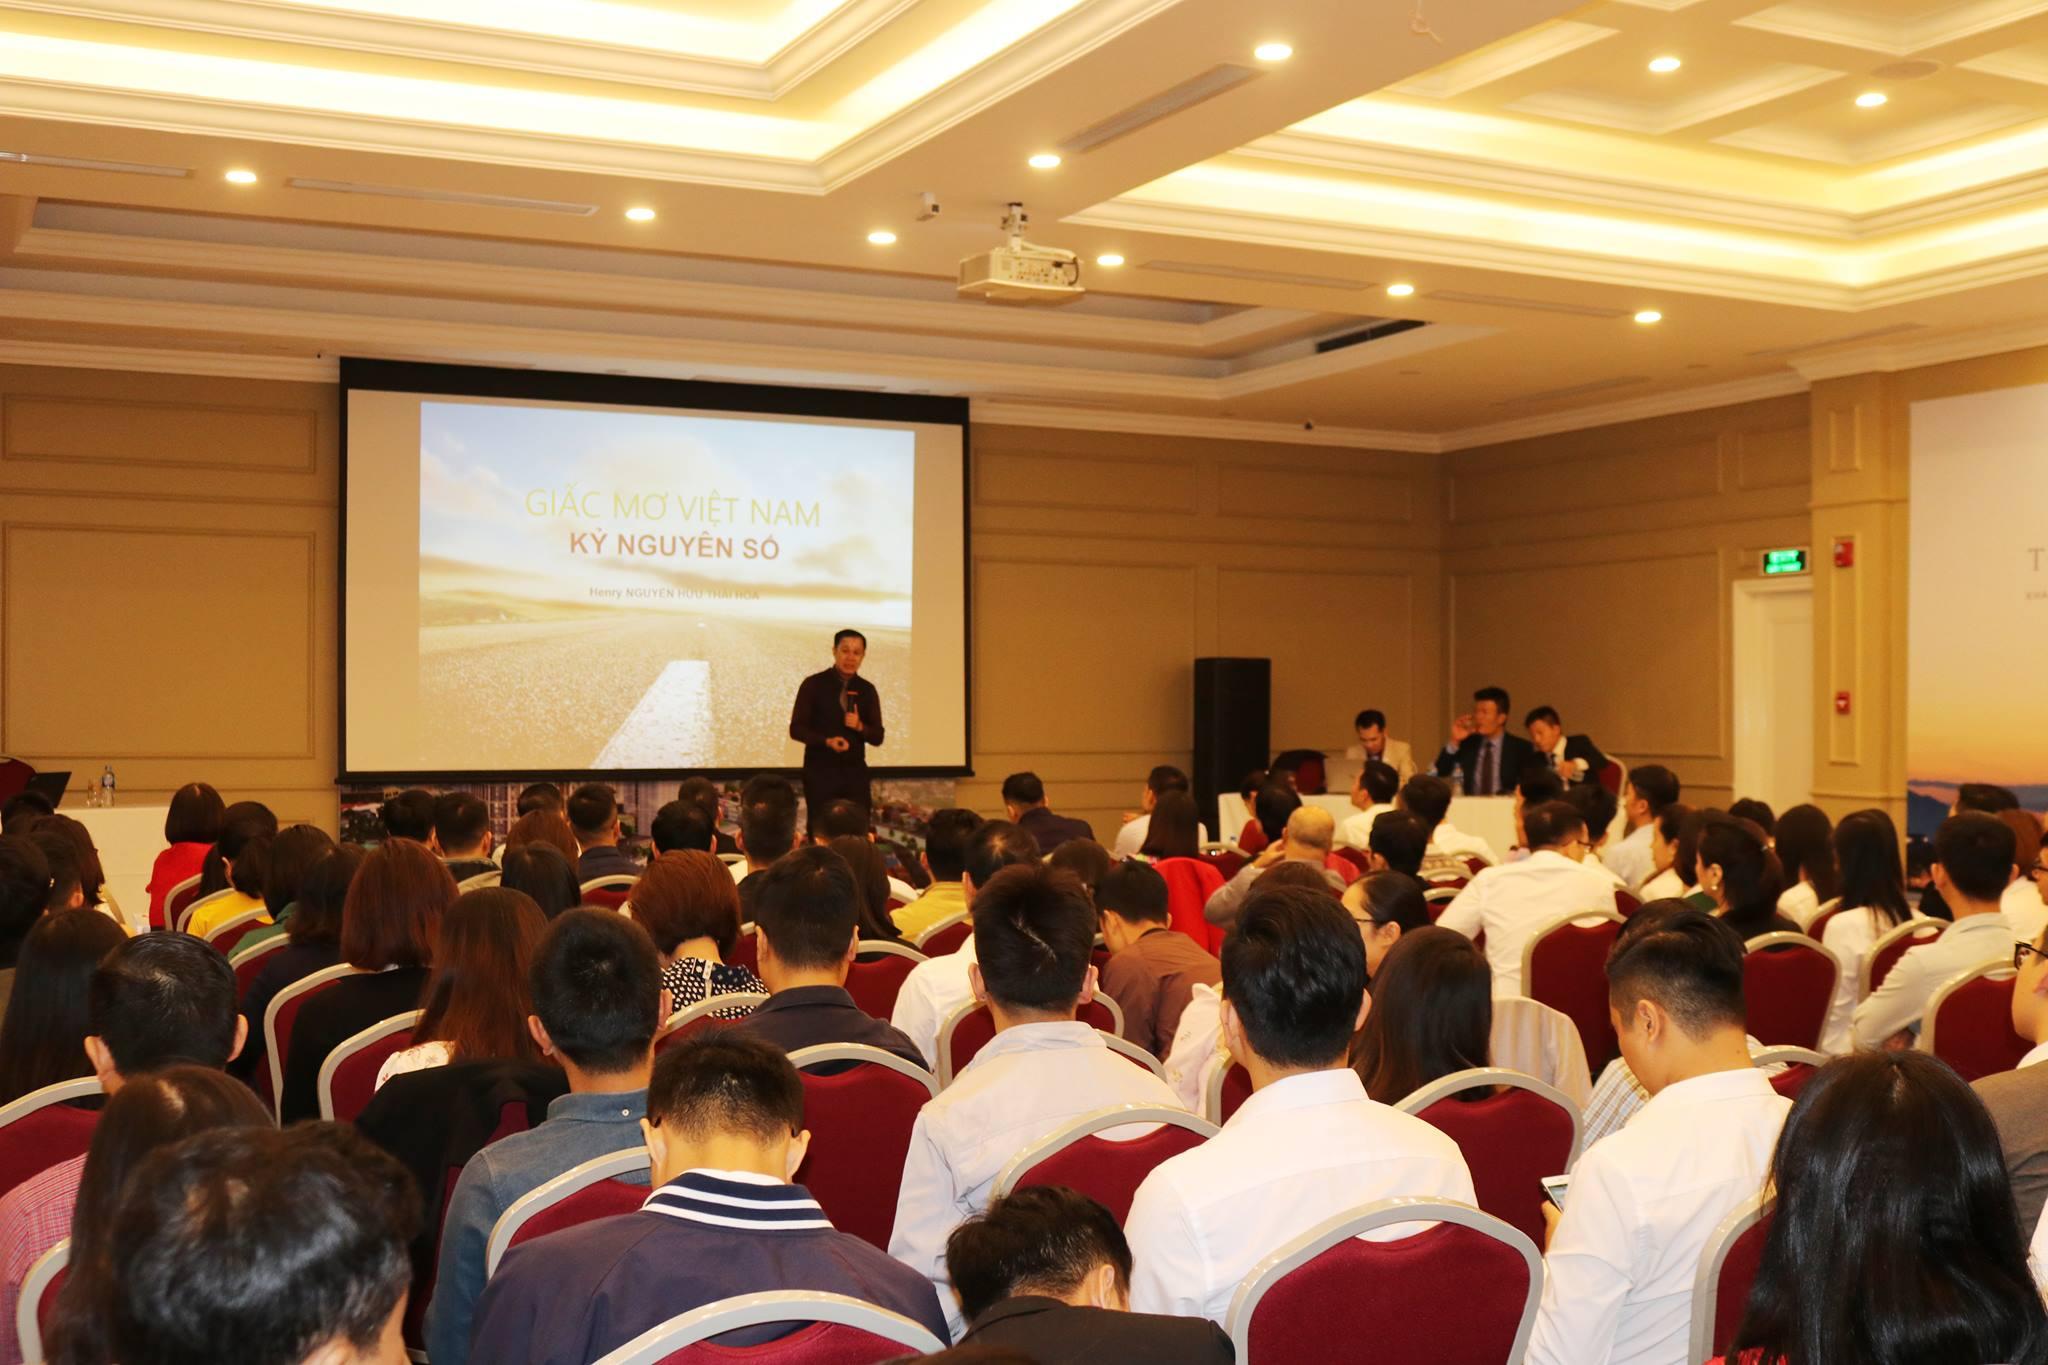 Chiến lược gia Nguyễn Hữu Thái Hòa dành thời gian quý báu tới chia sẻ tại workshop Nhà môi giới BĐS thế hệ mới - Realtor 4.0 tại trụ sở VIREX